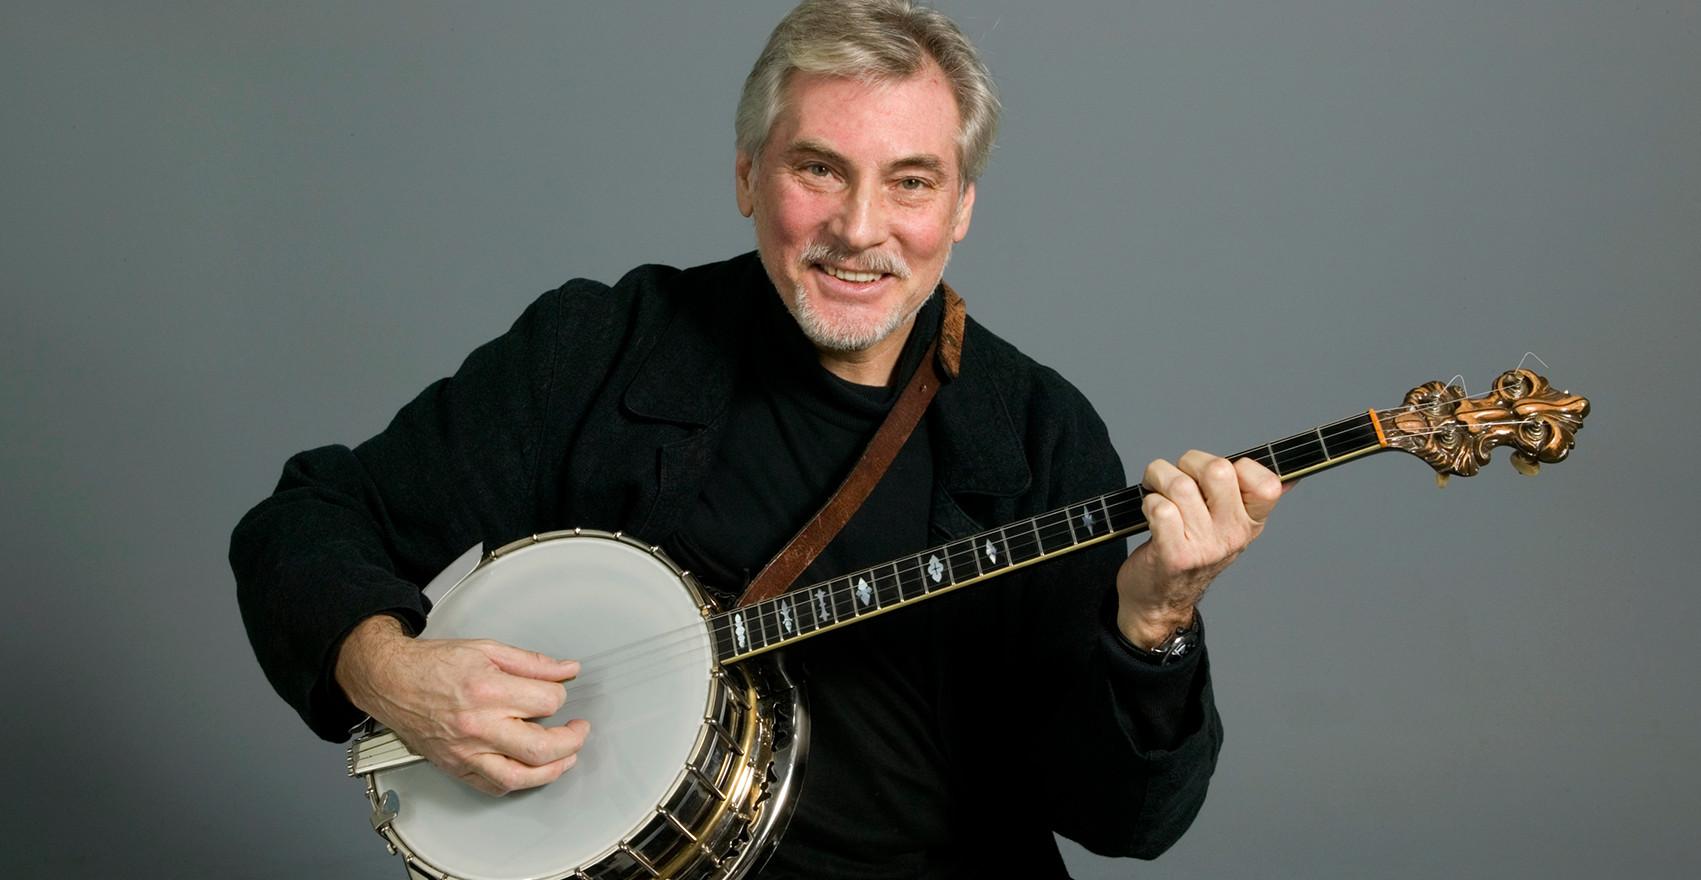 Holger Gross med sin Trujo banjo.. Foto: Ateljé Uggla.